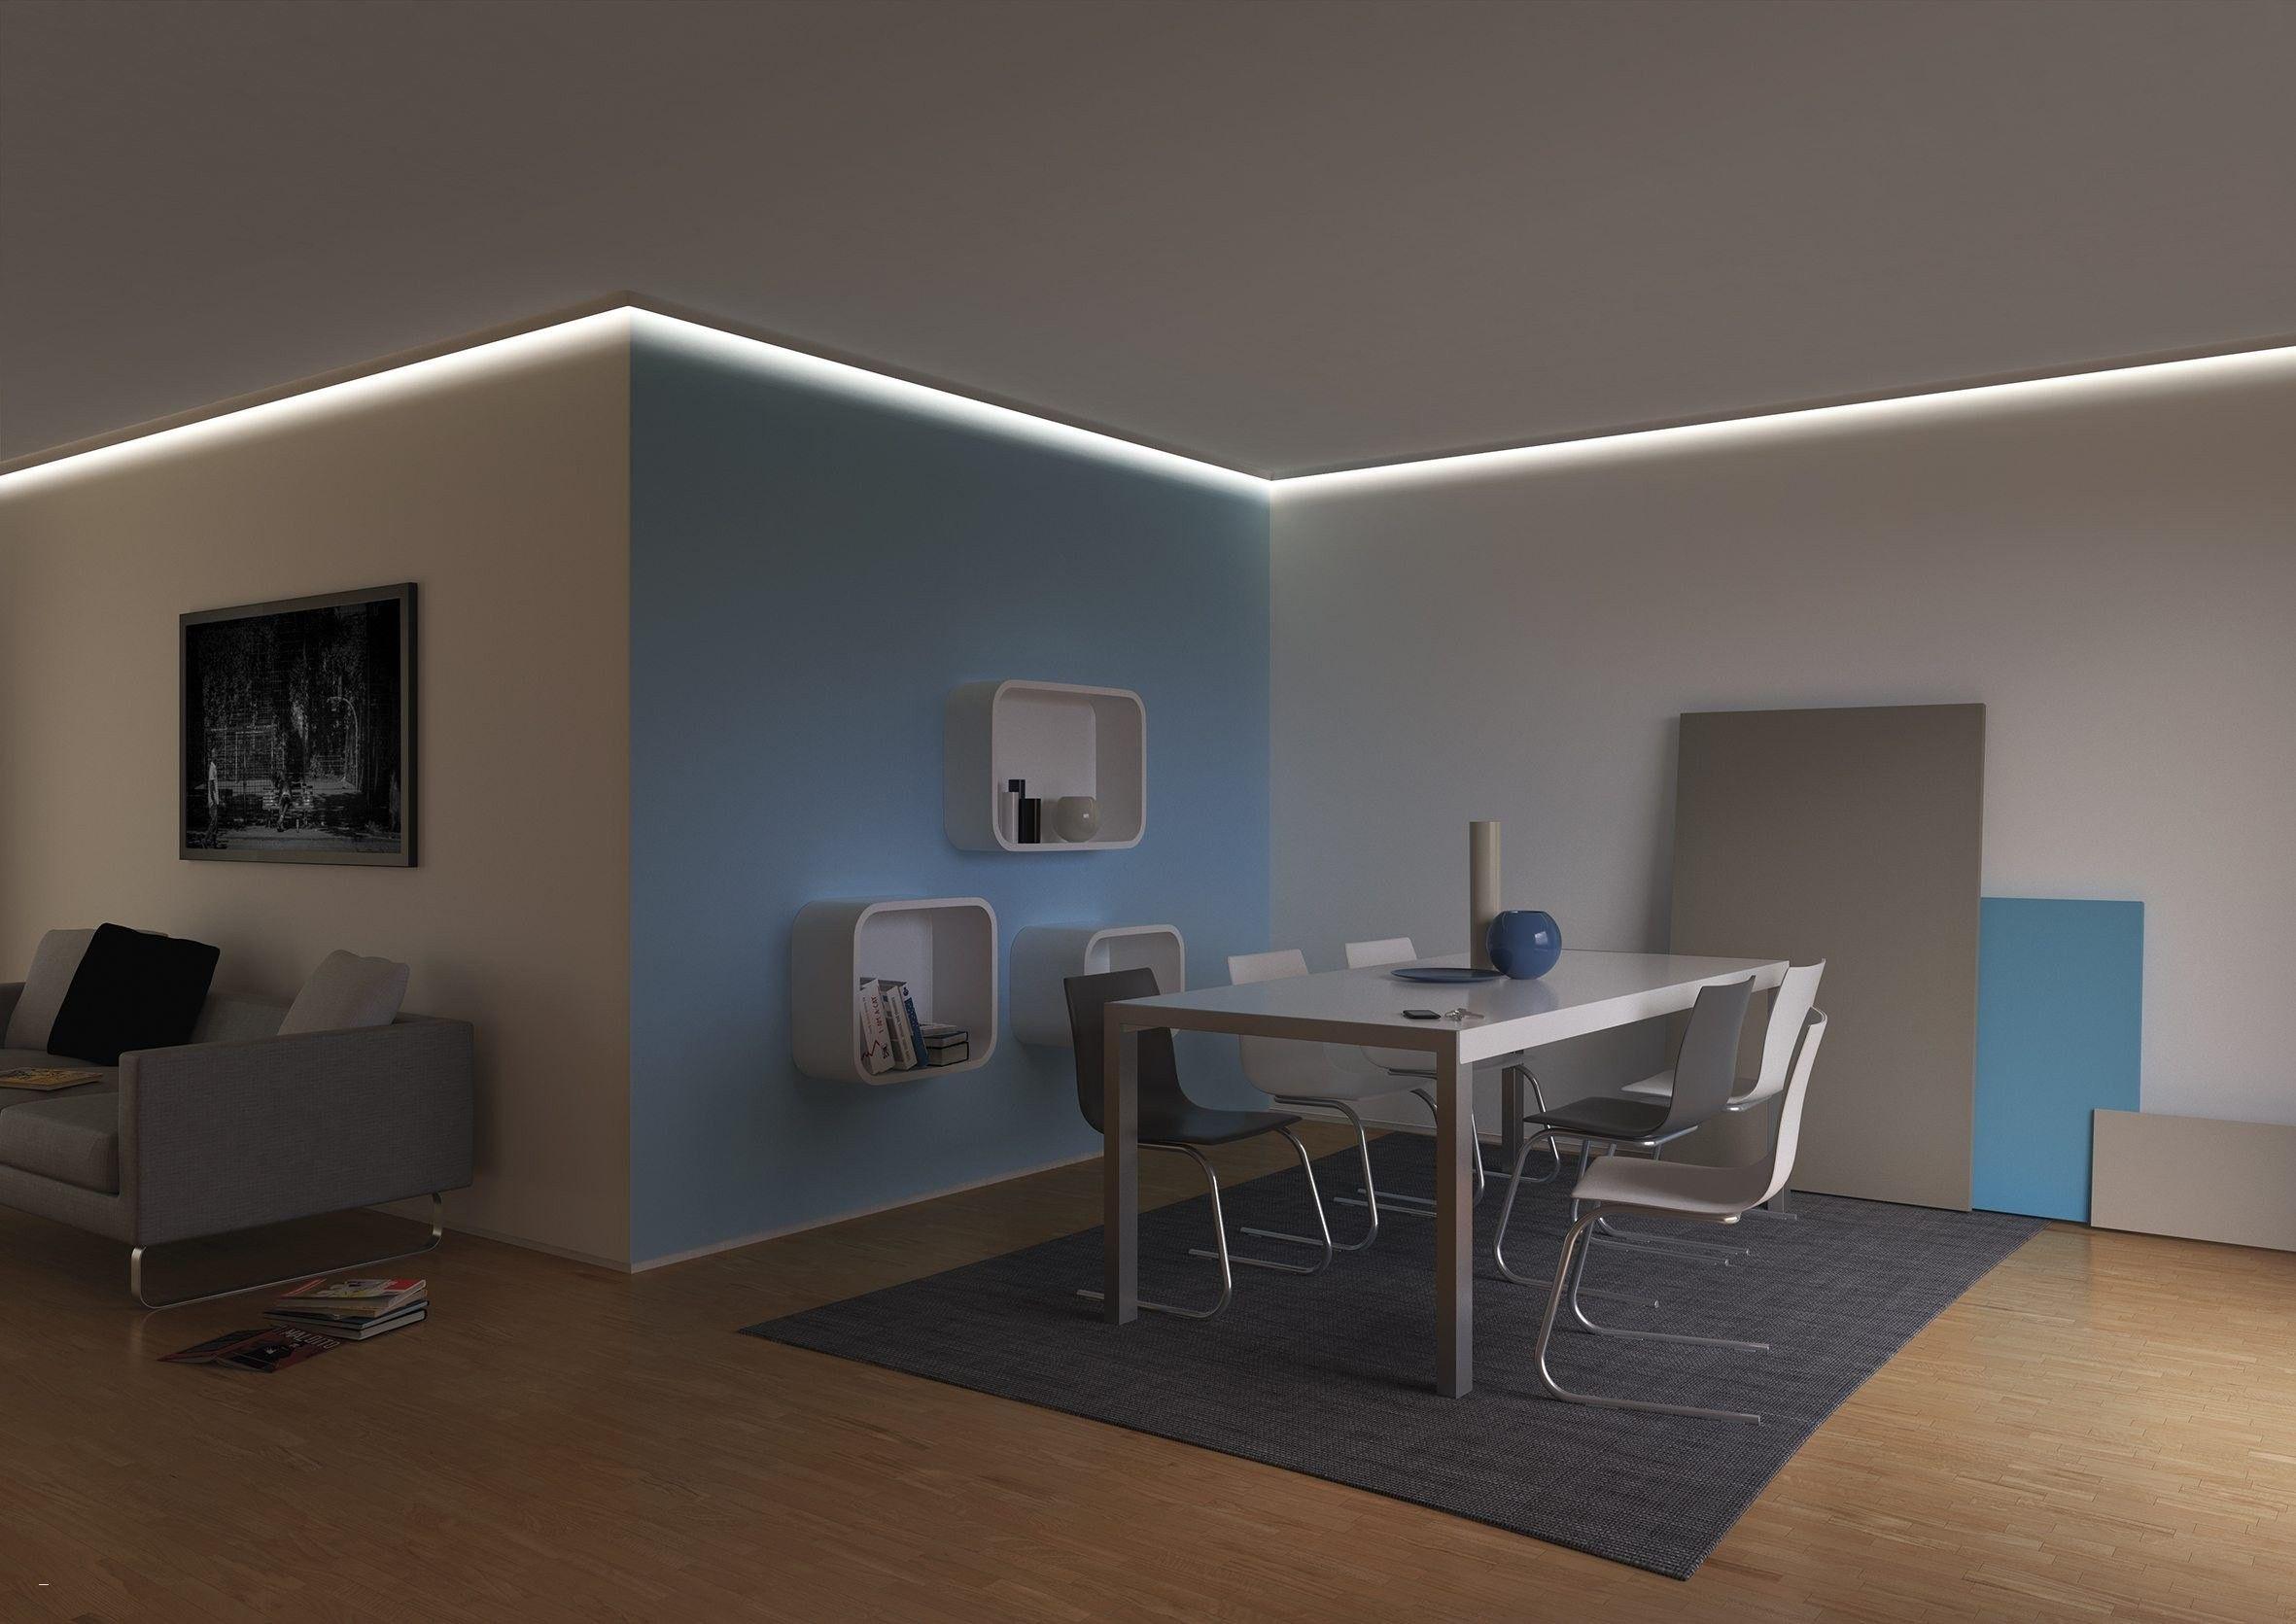 Beleuchtung Wohnzimmer Decke